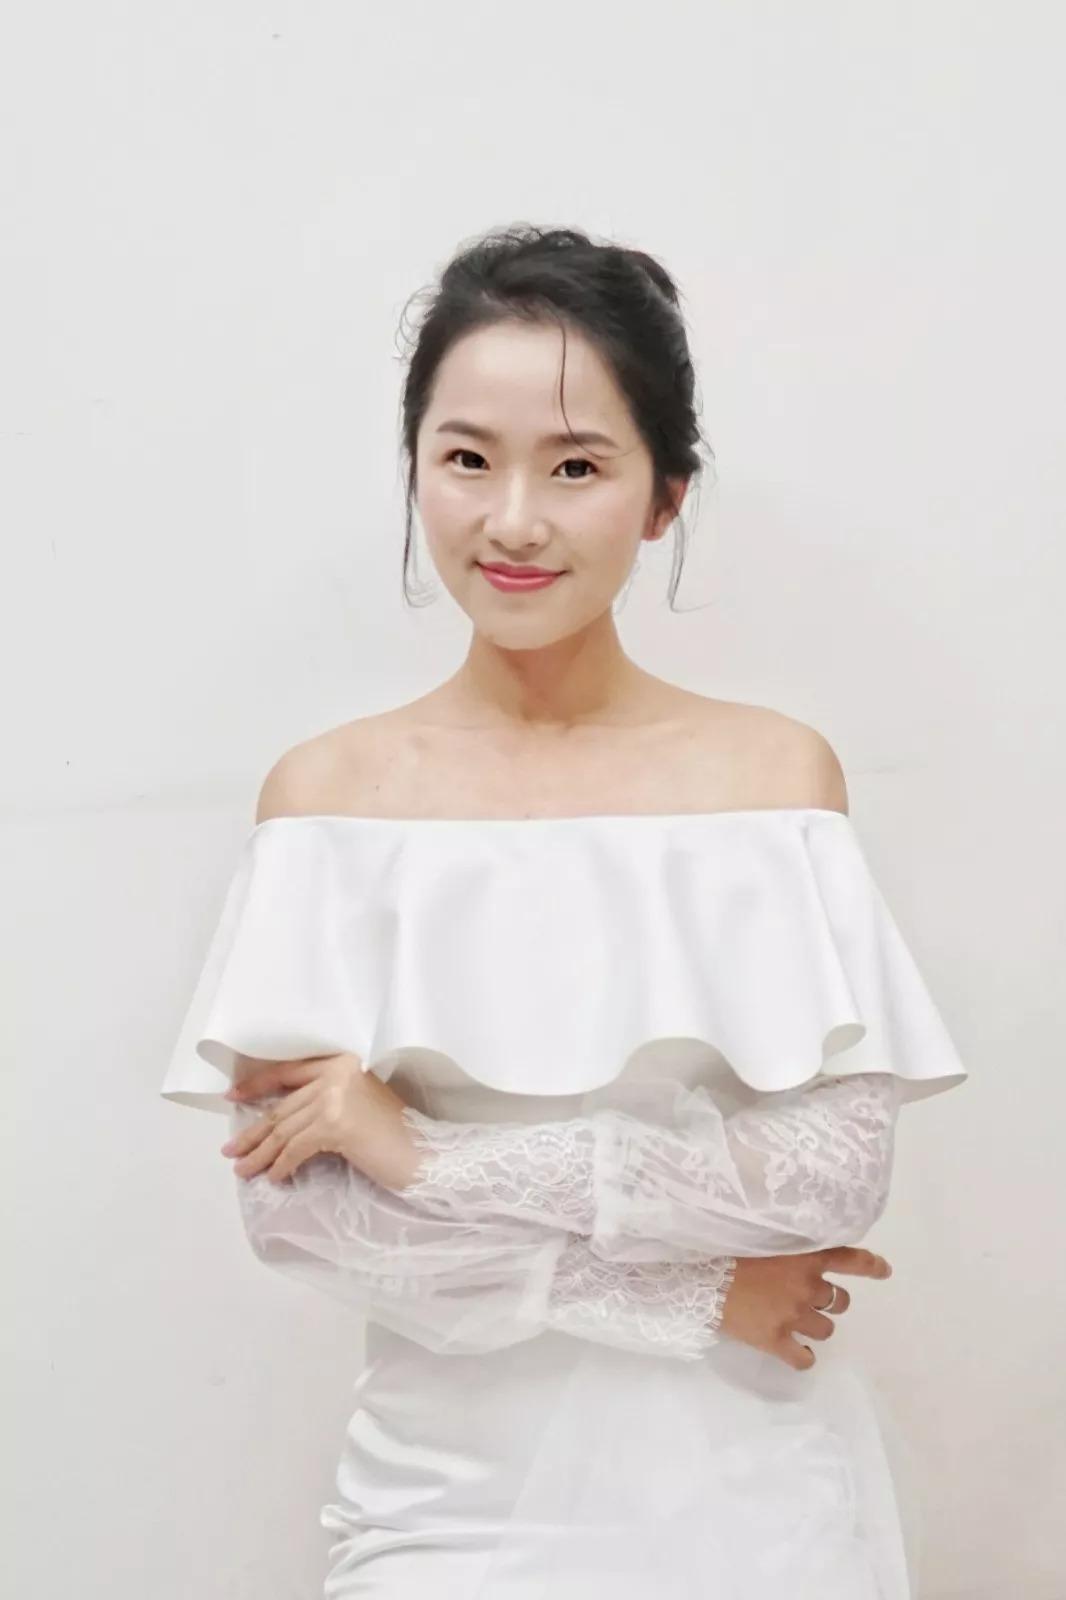 澳门太阳娱乐官方网站 20